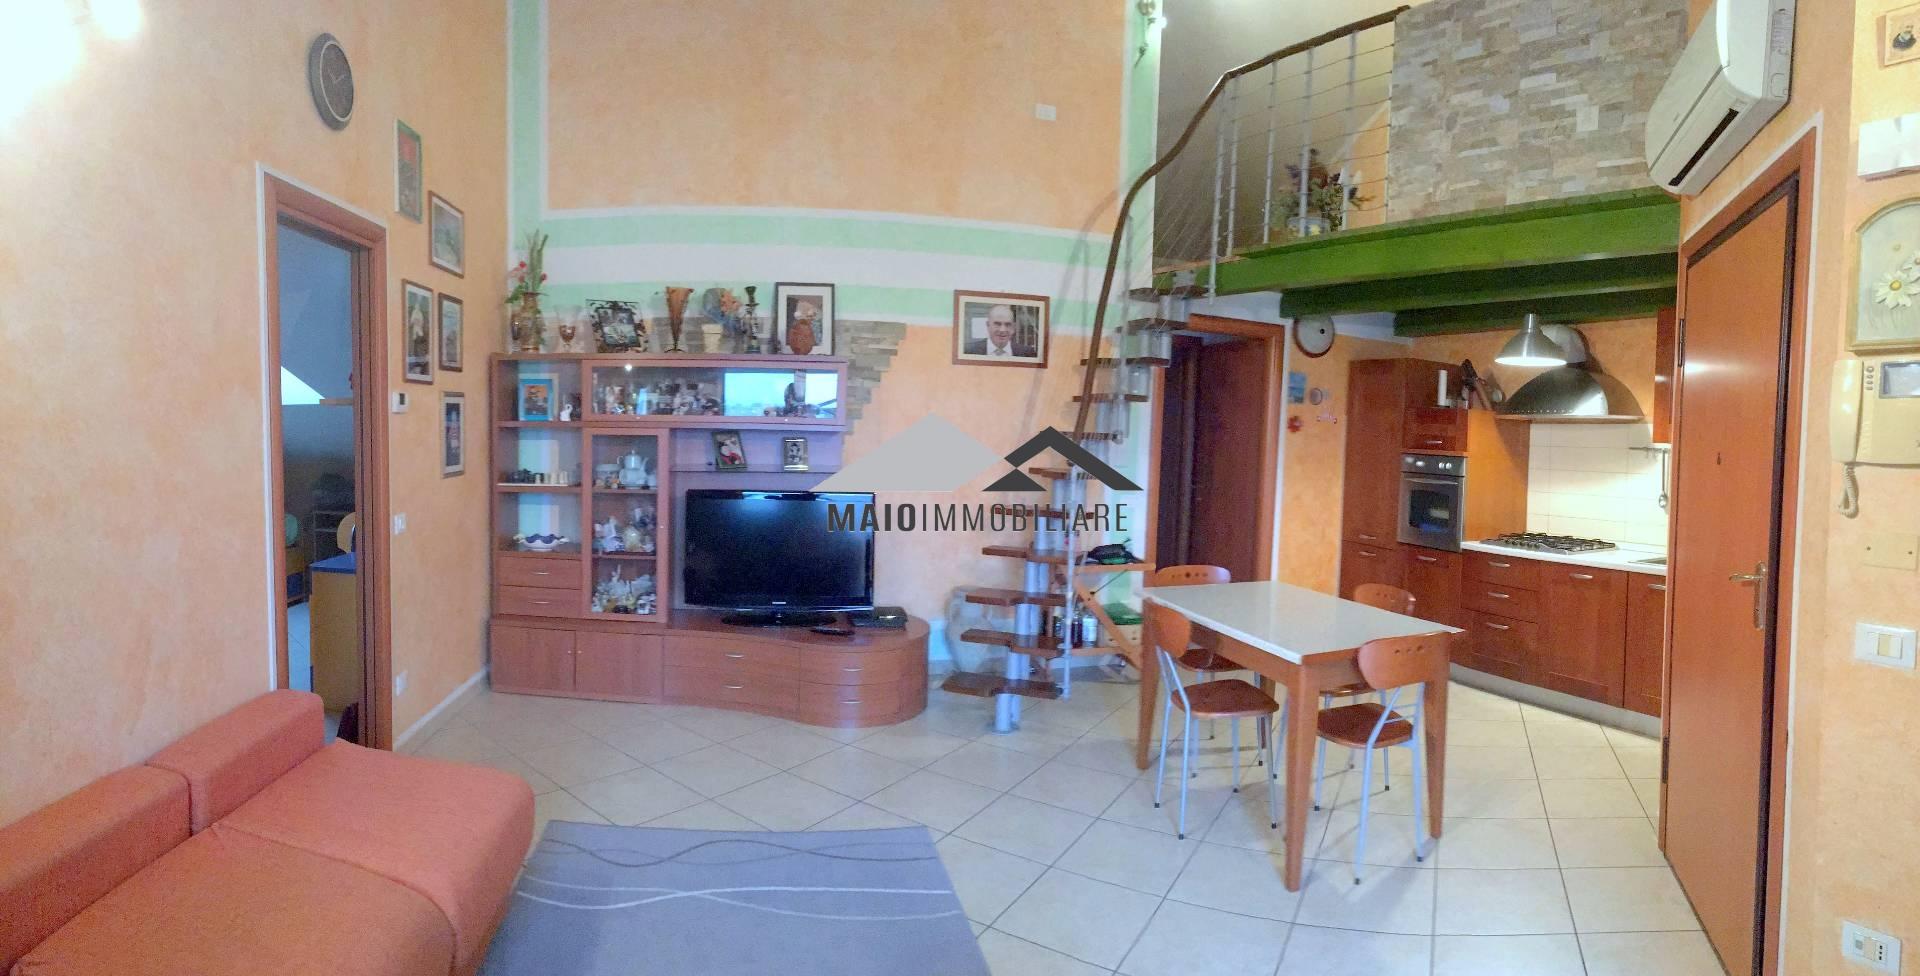 Appartamento in vendita a San Clemente, 3 locali, zona Località: S.AndreainCasale, prezzo € 170.000 | CambioCasa.it